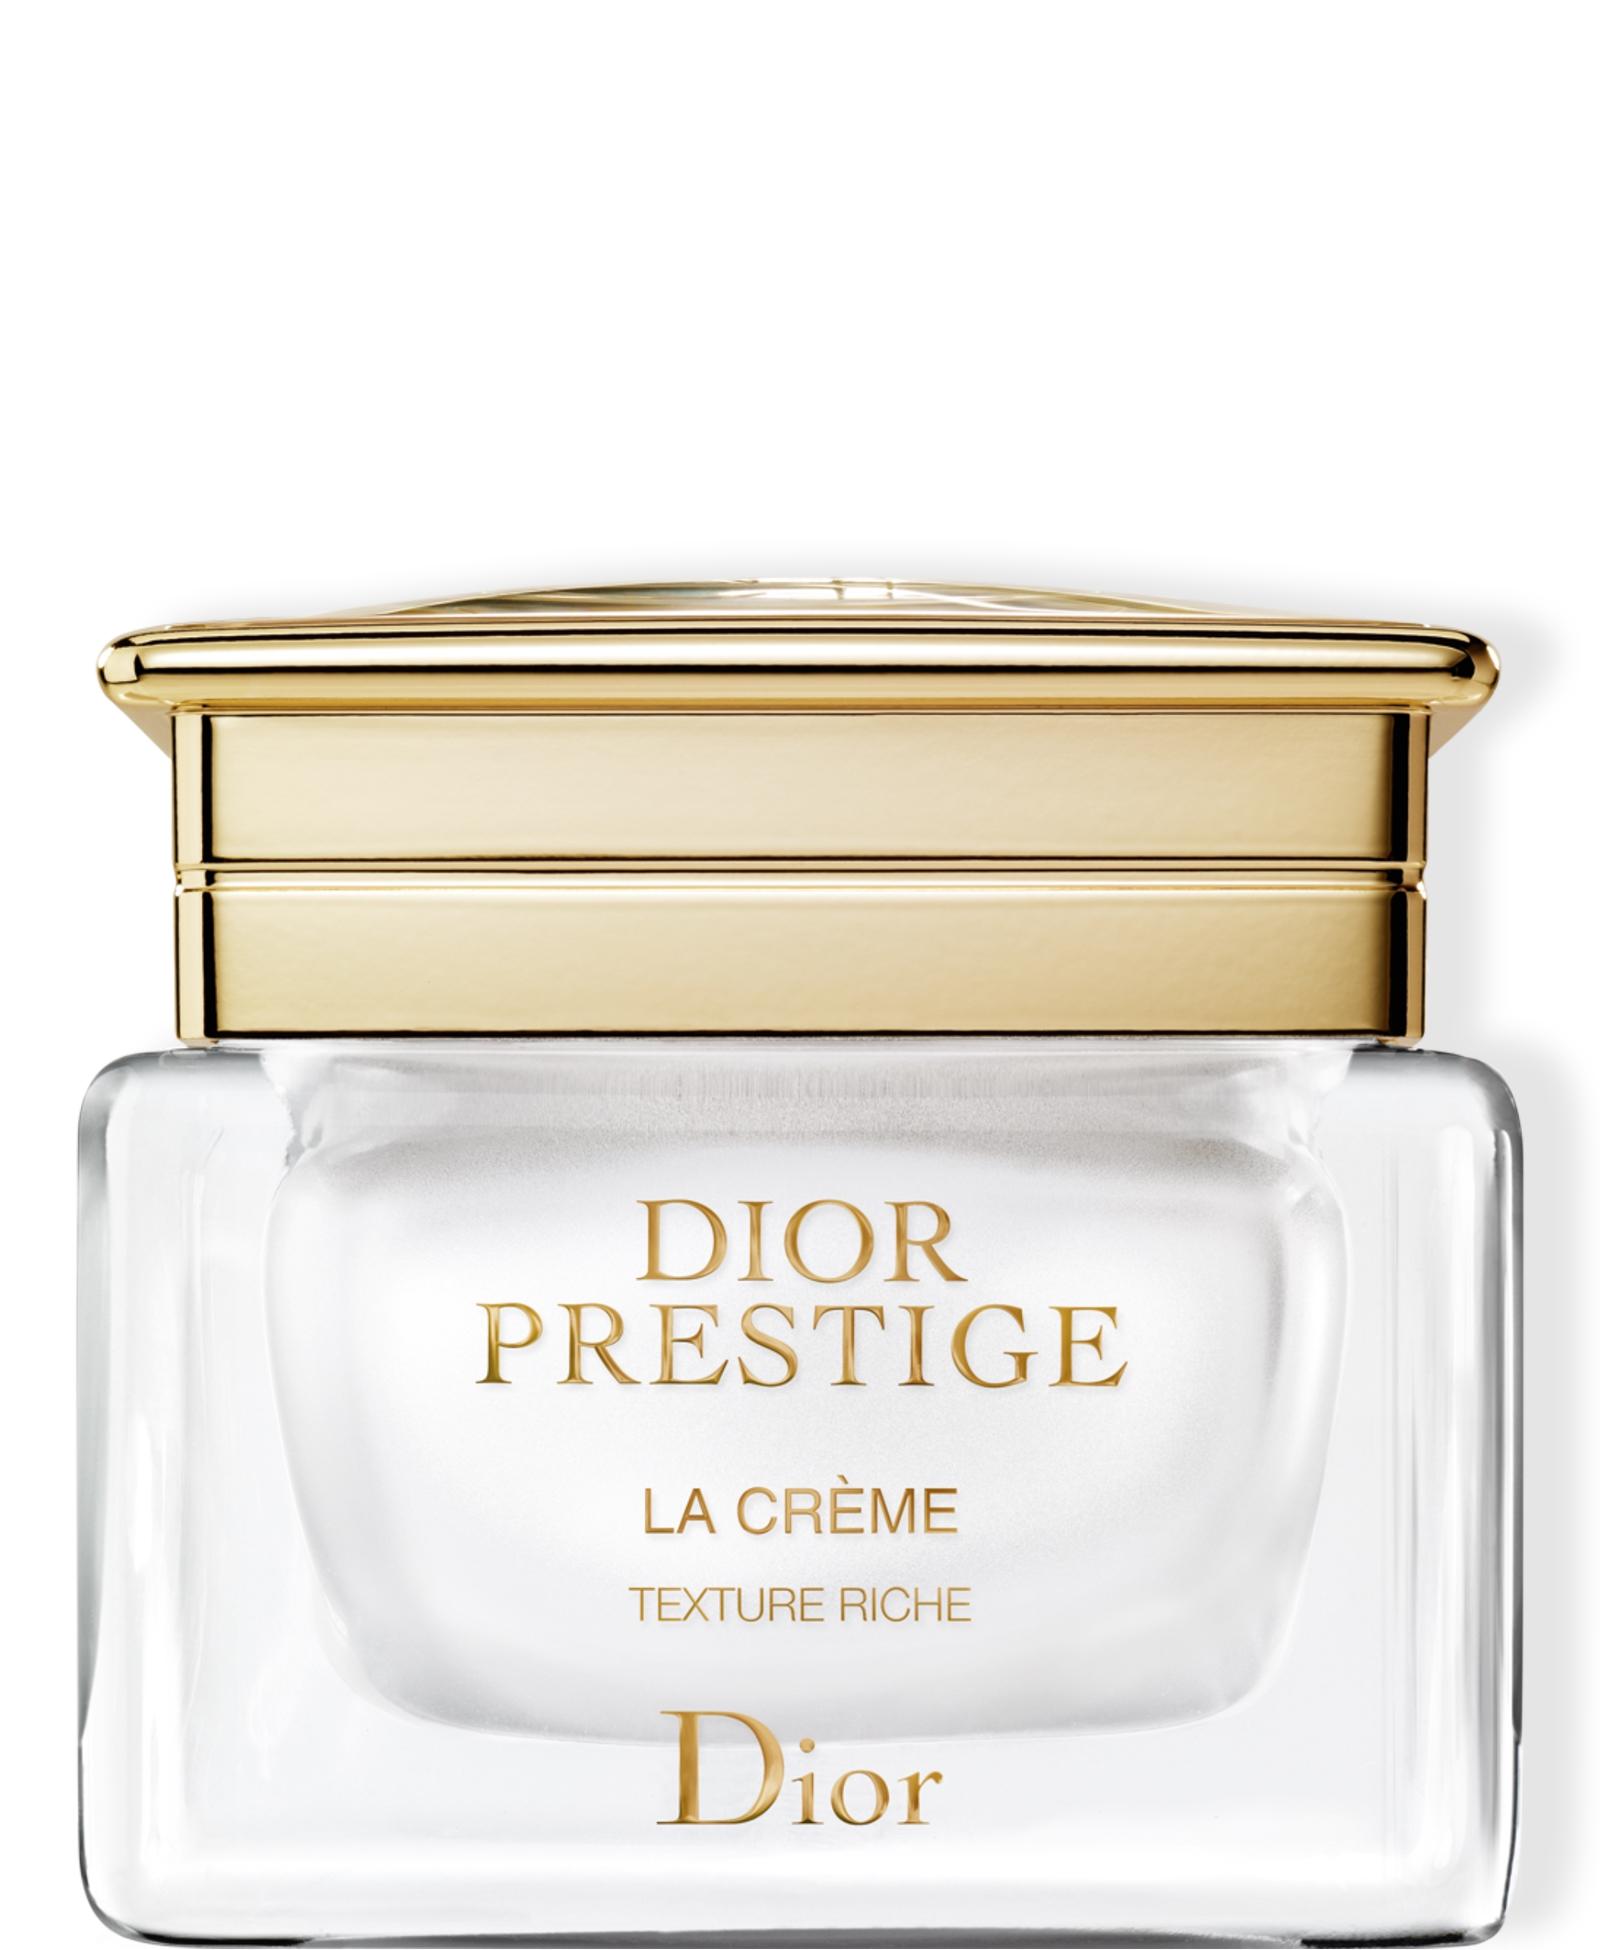 DIOR Prestige Rich Creme